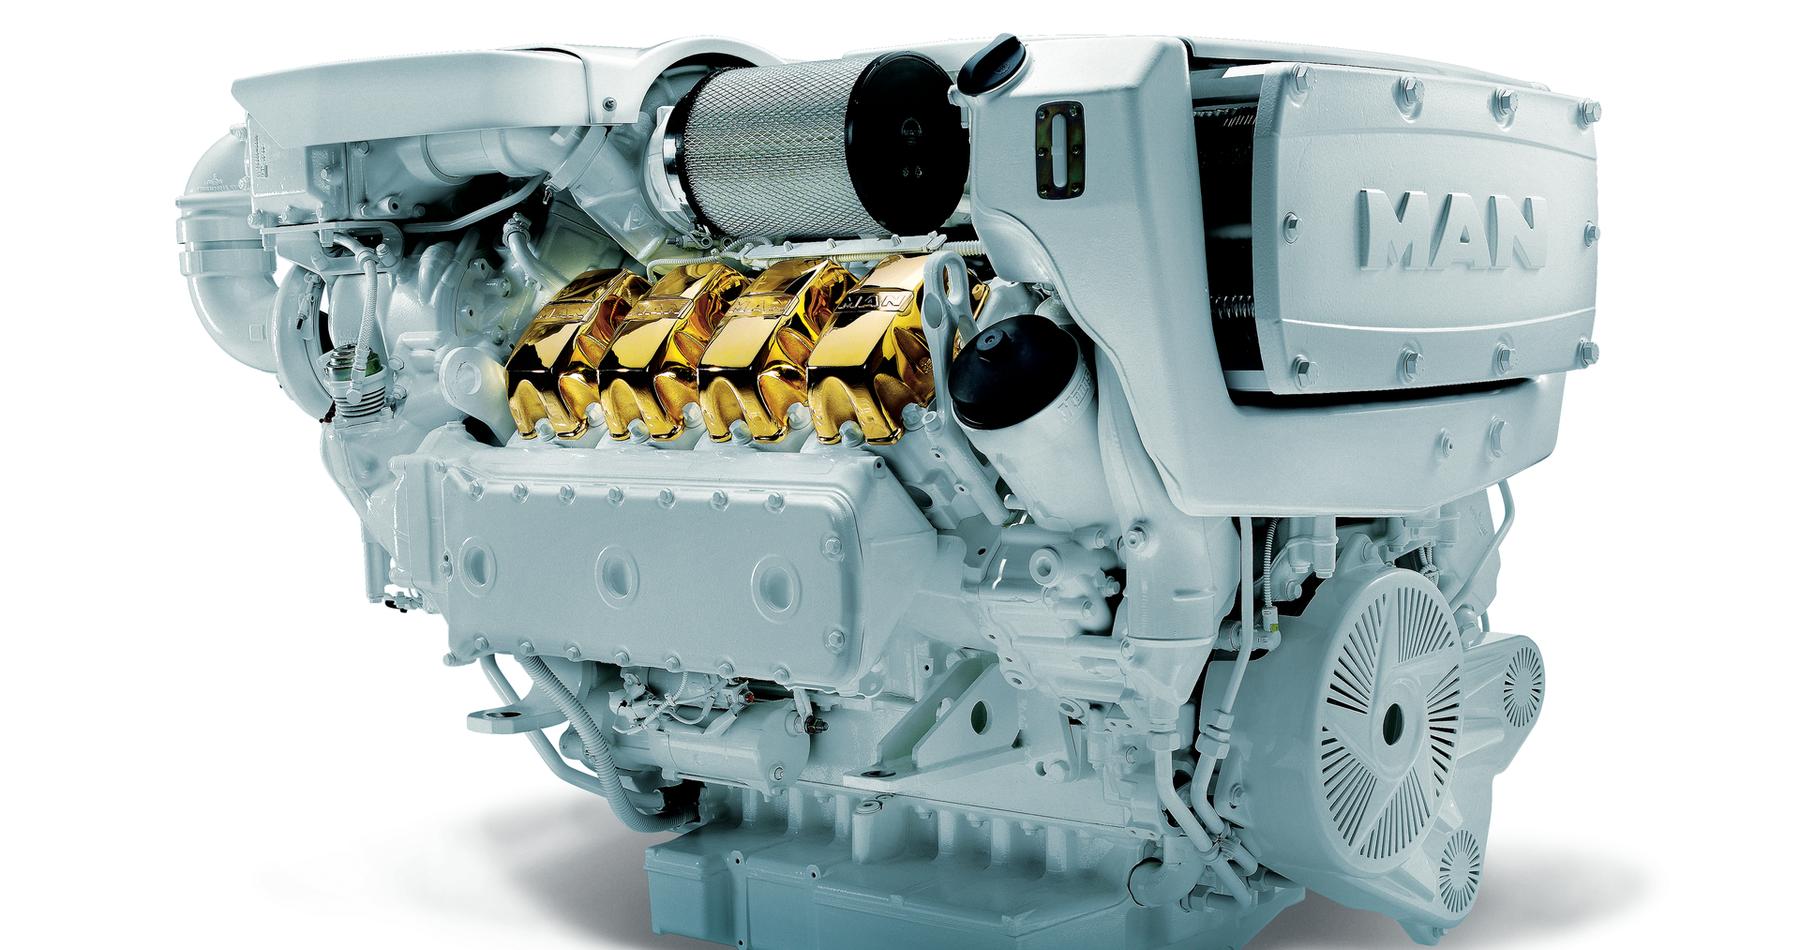 MAN V8-1000 / V8-1200 / V8-1300